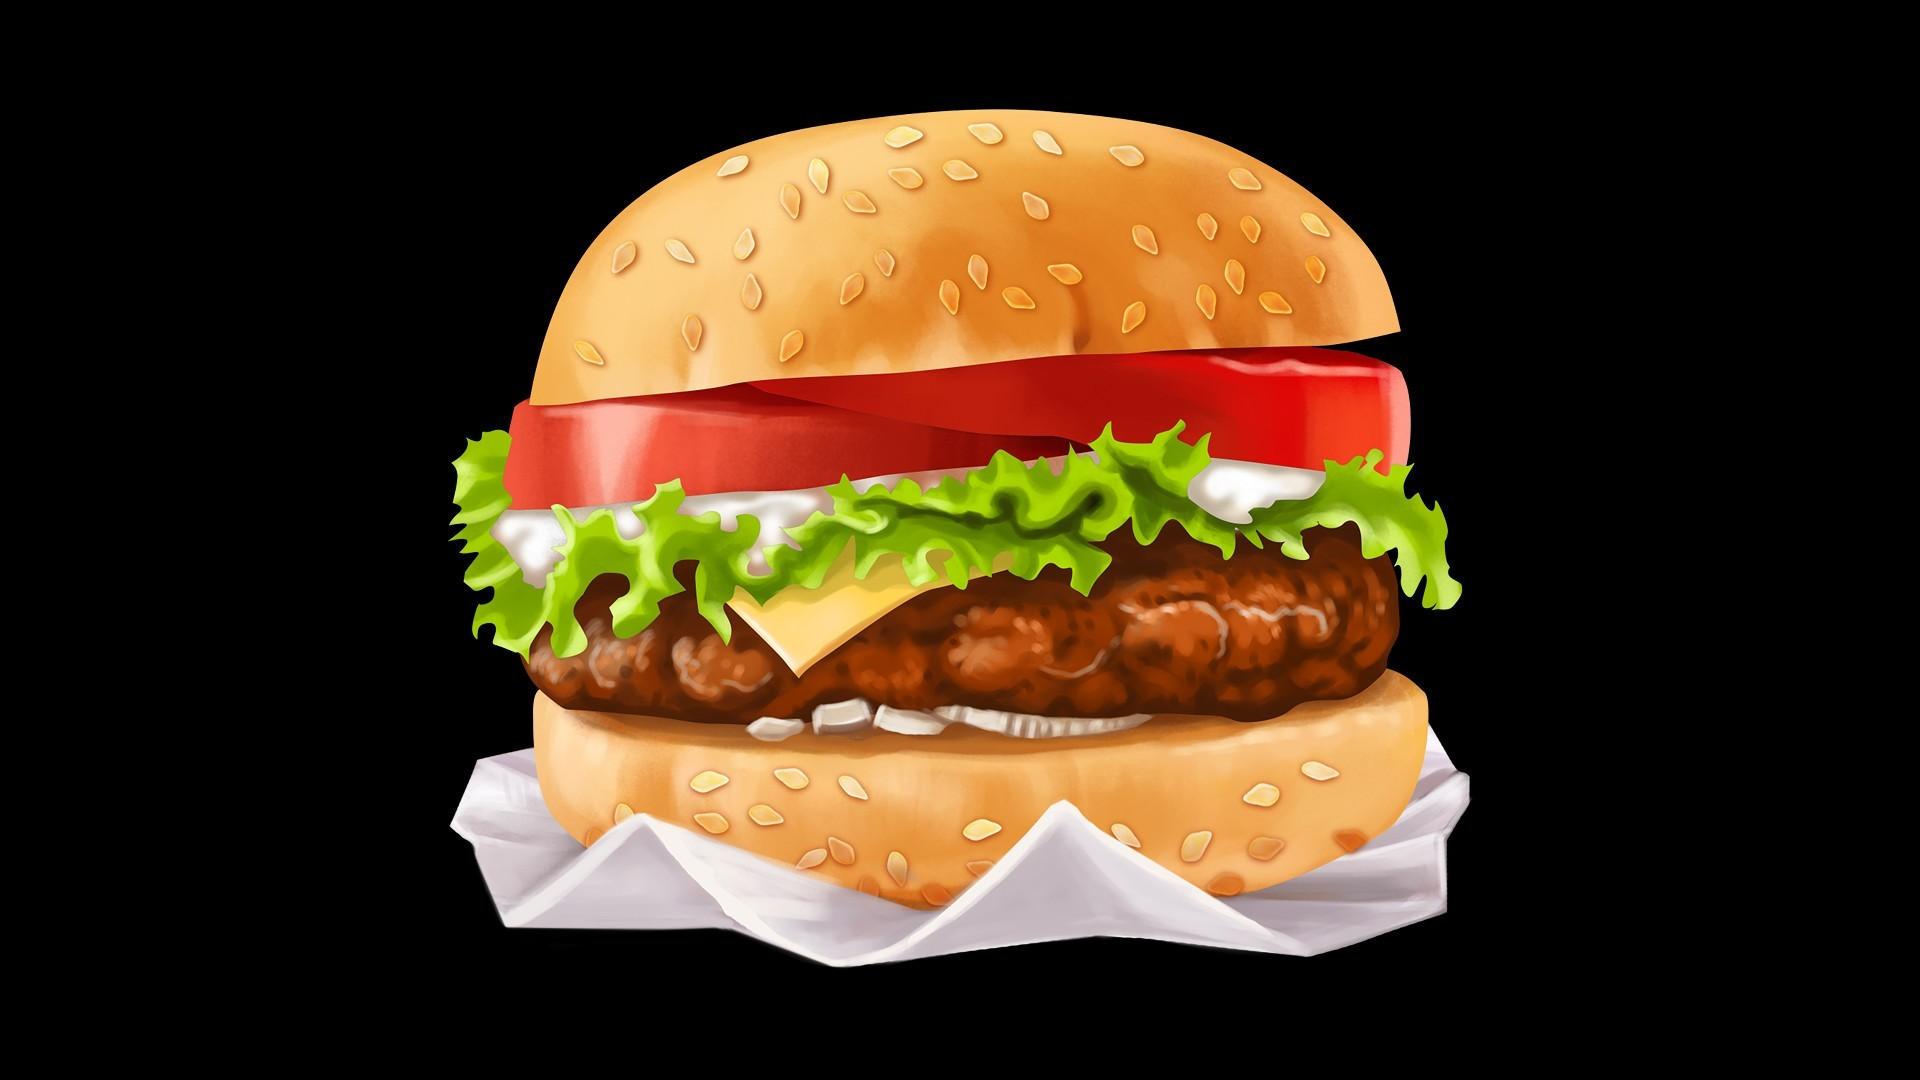 нескольких видов, картинка про гамбургер никто